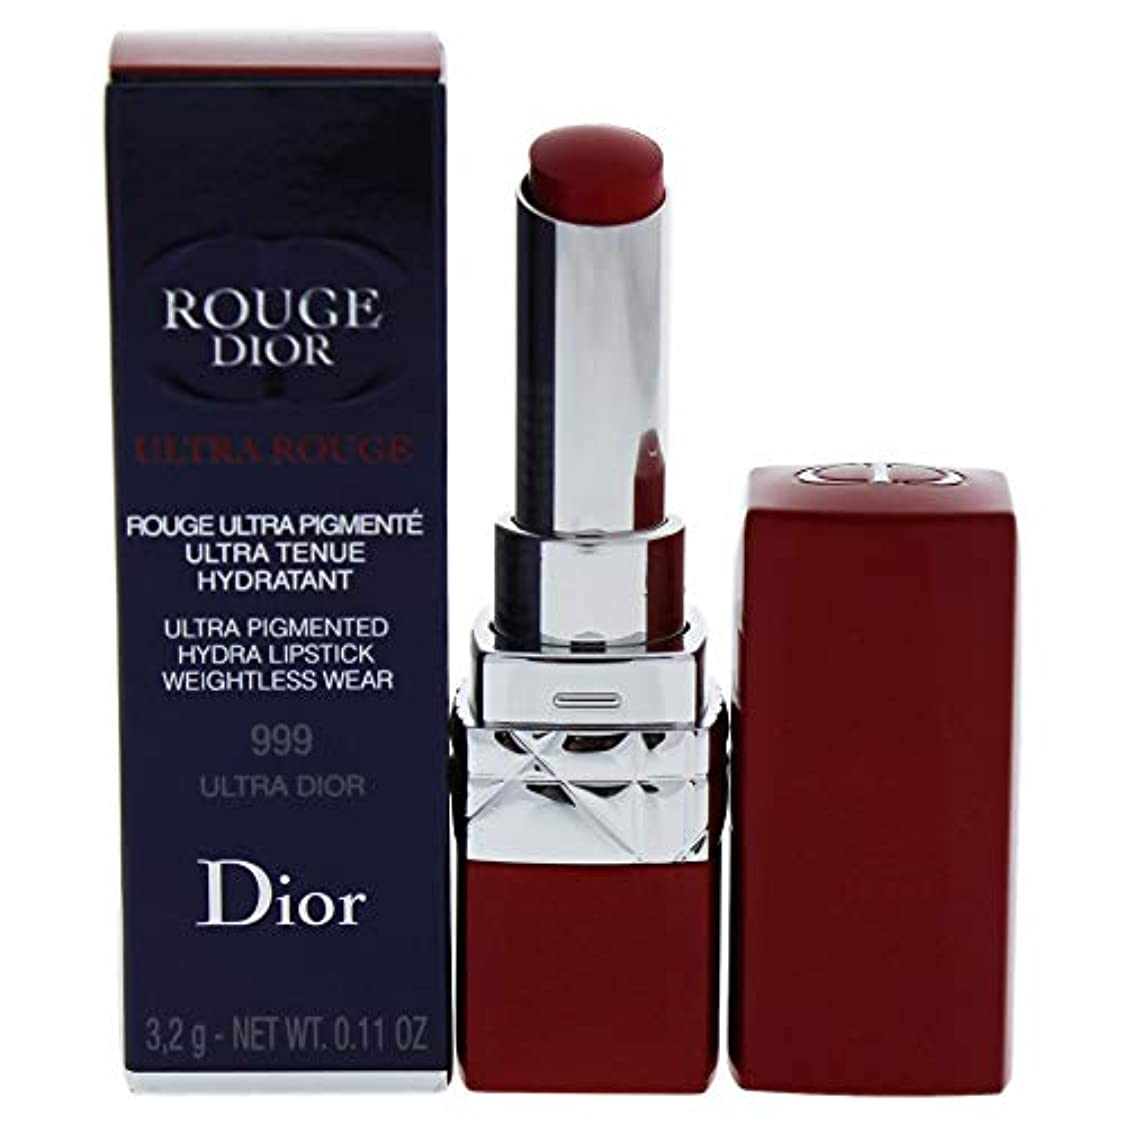 機構荒野呼ぶクリスチャンディオール Rouge Dior Ultra Rouge - # 999 Ultra Dior 3.2g/0.11oz並行輸入品